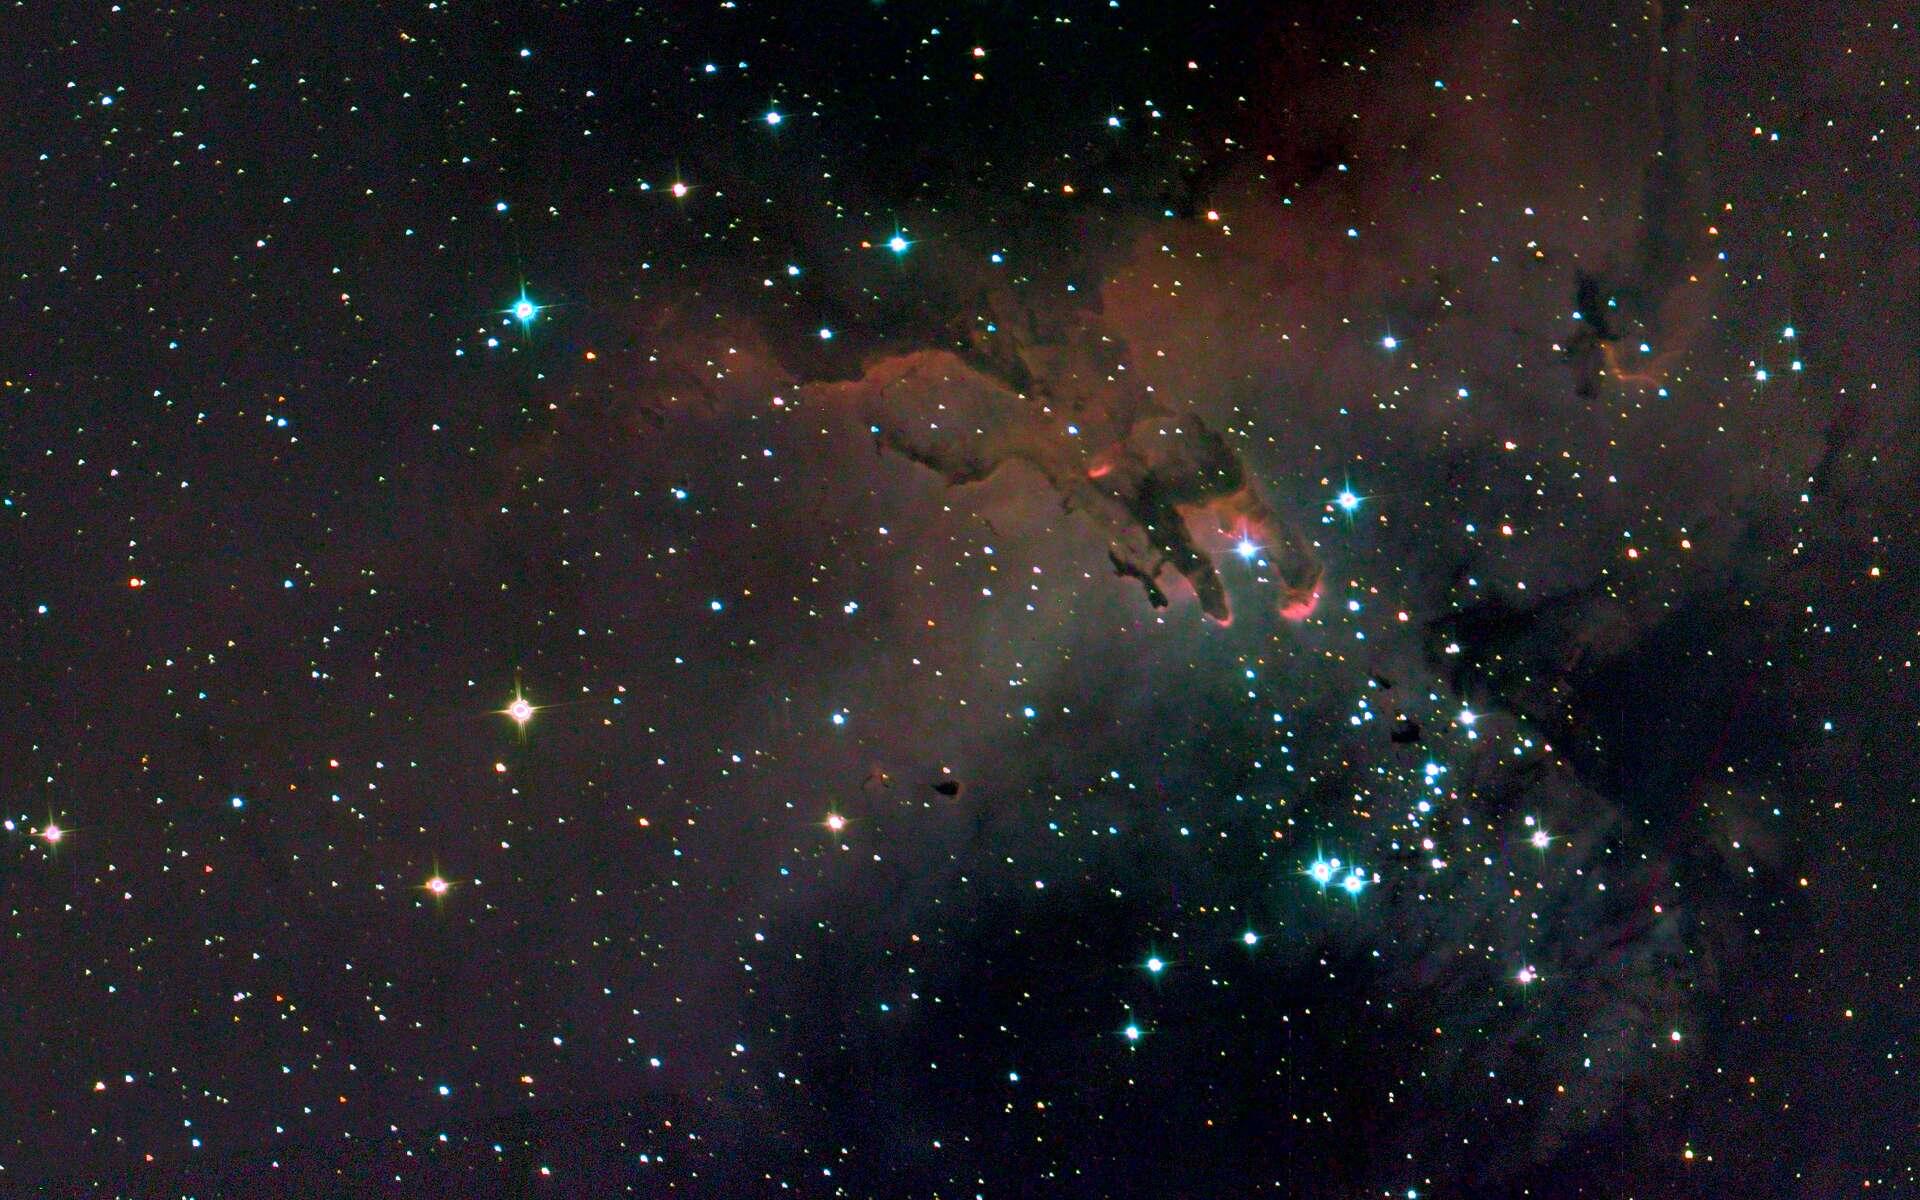 Une image composite prise par SuperBIT des « Piliers de la Création », une structure de gaz et de poussière dans la nébuleuse de l'Aigle, à 7.000 années-lumière de la Terre. © SuperBIT, Romualdez et al. (2018) SPIE 10702